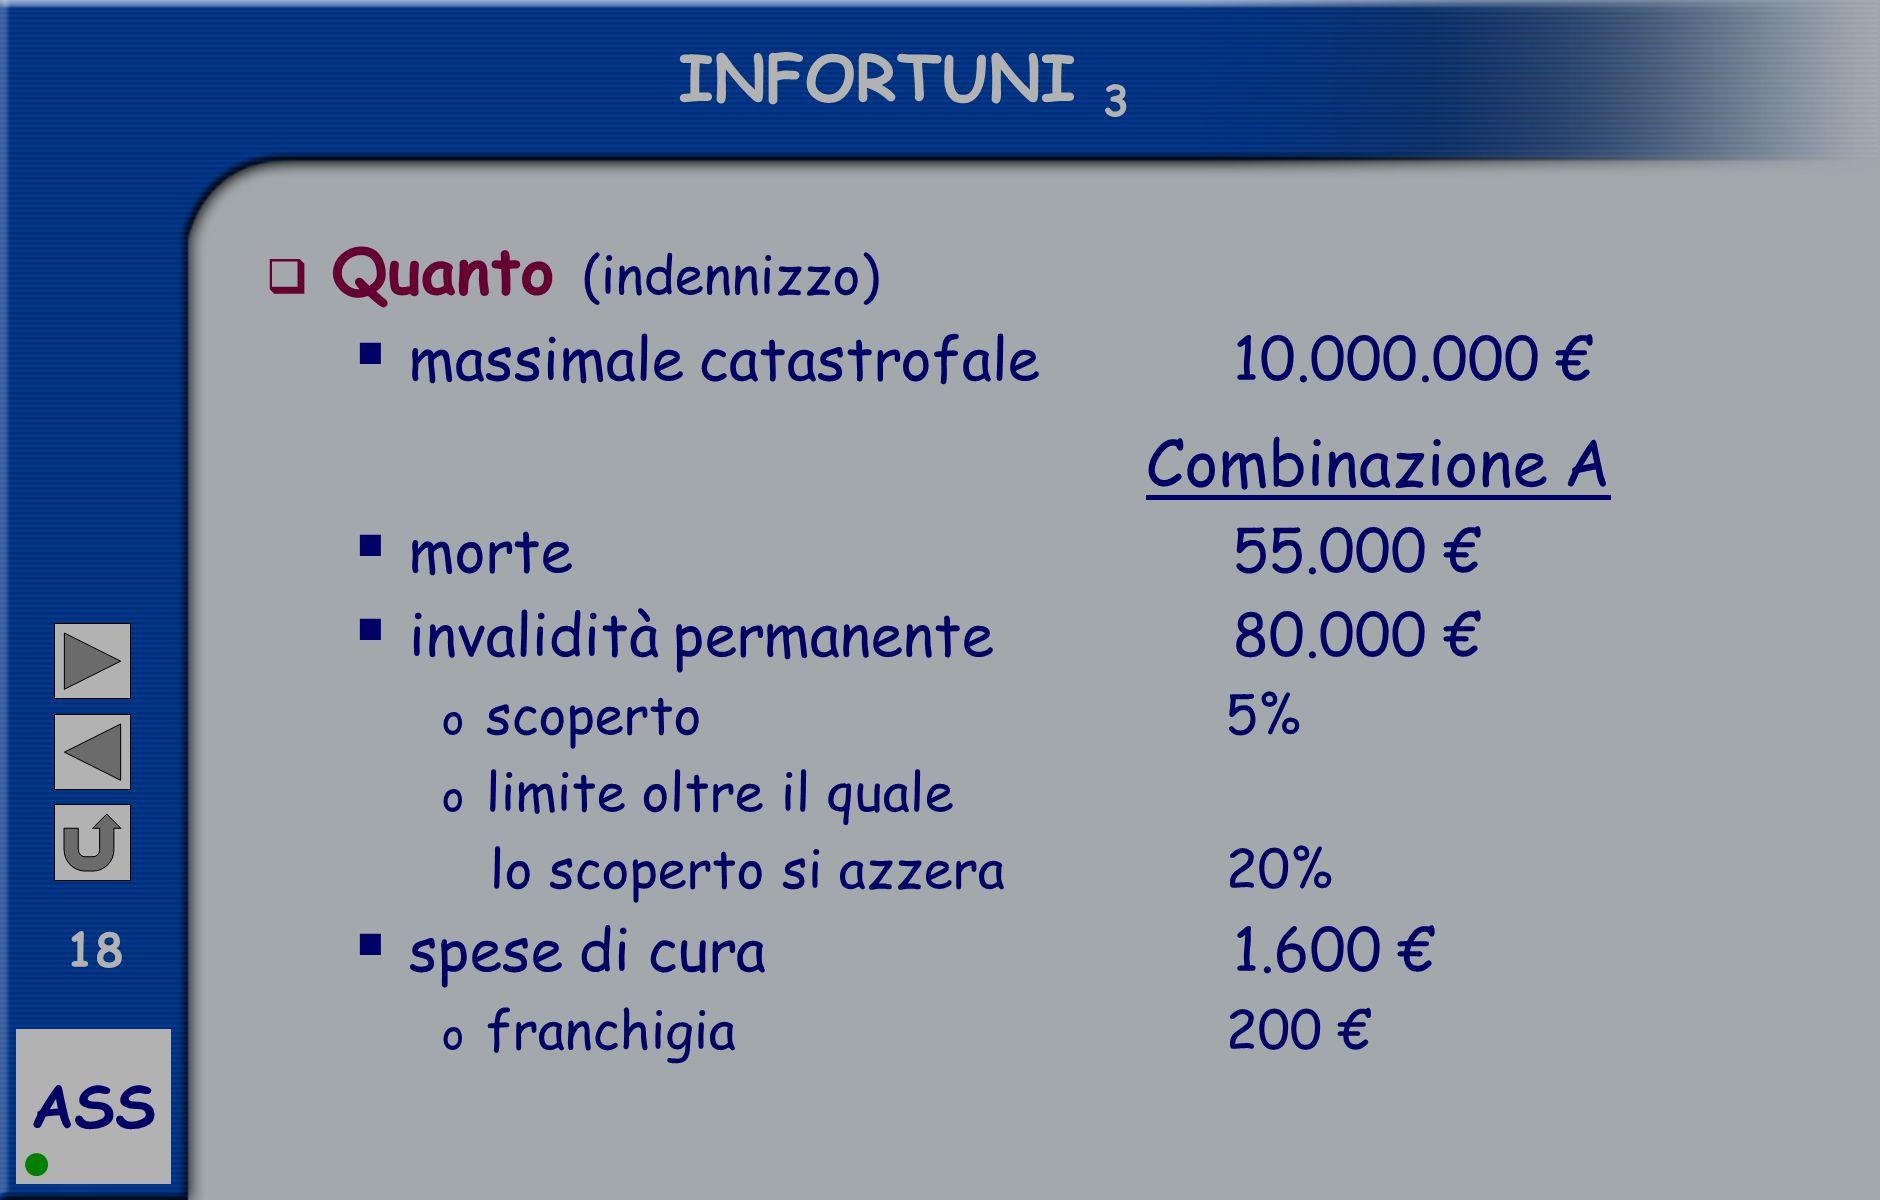 ASS 18 INFORTUNI 3  Quanto (indennizzo)  massimale catastrofale 10.000.000 € Combinazione A  morte 55.000 €  invalidità permanente 80.000 € o scop